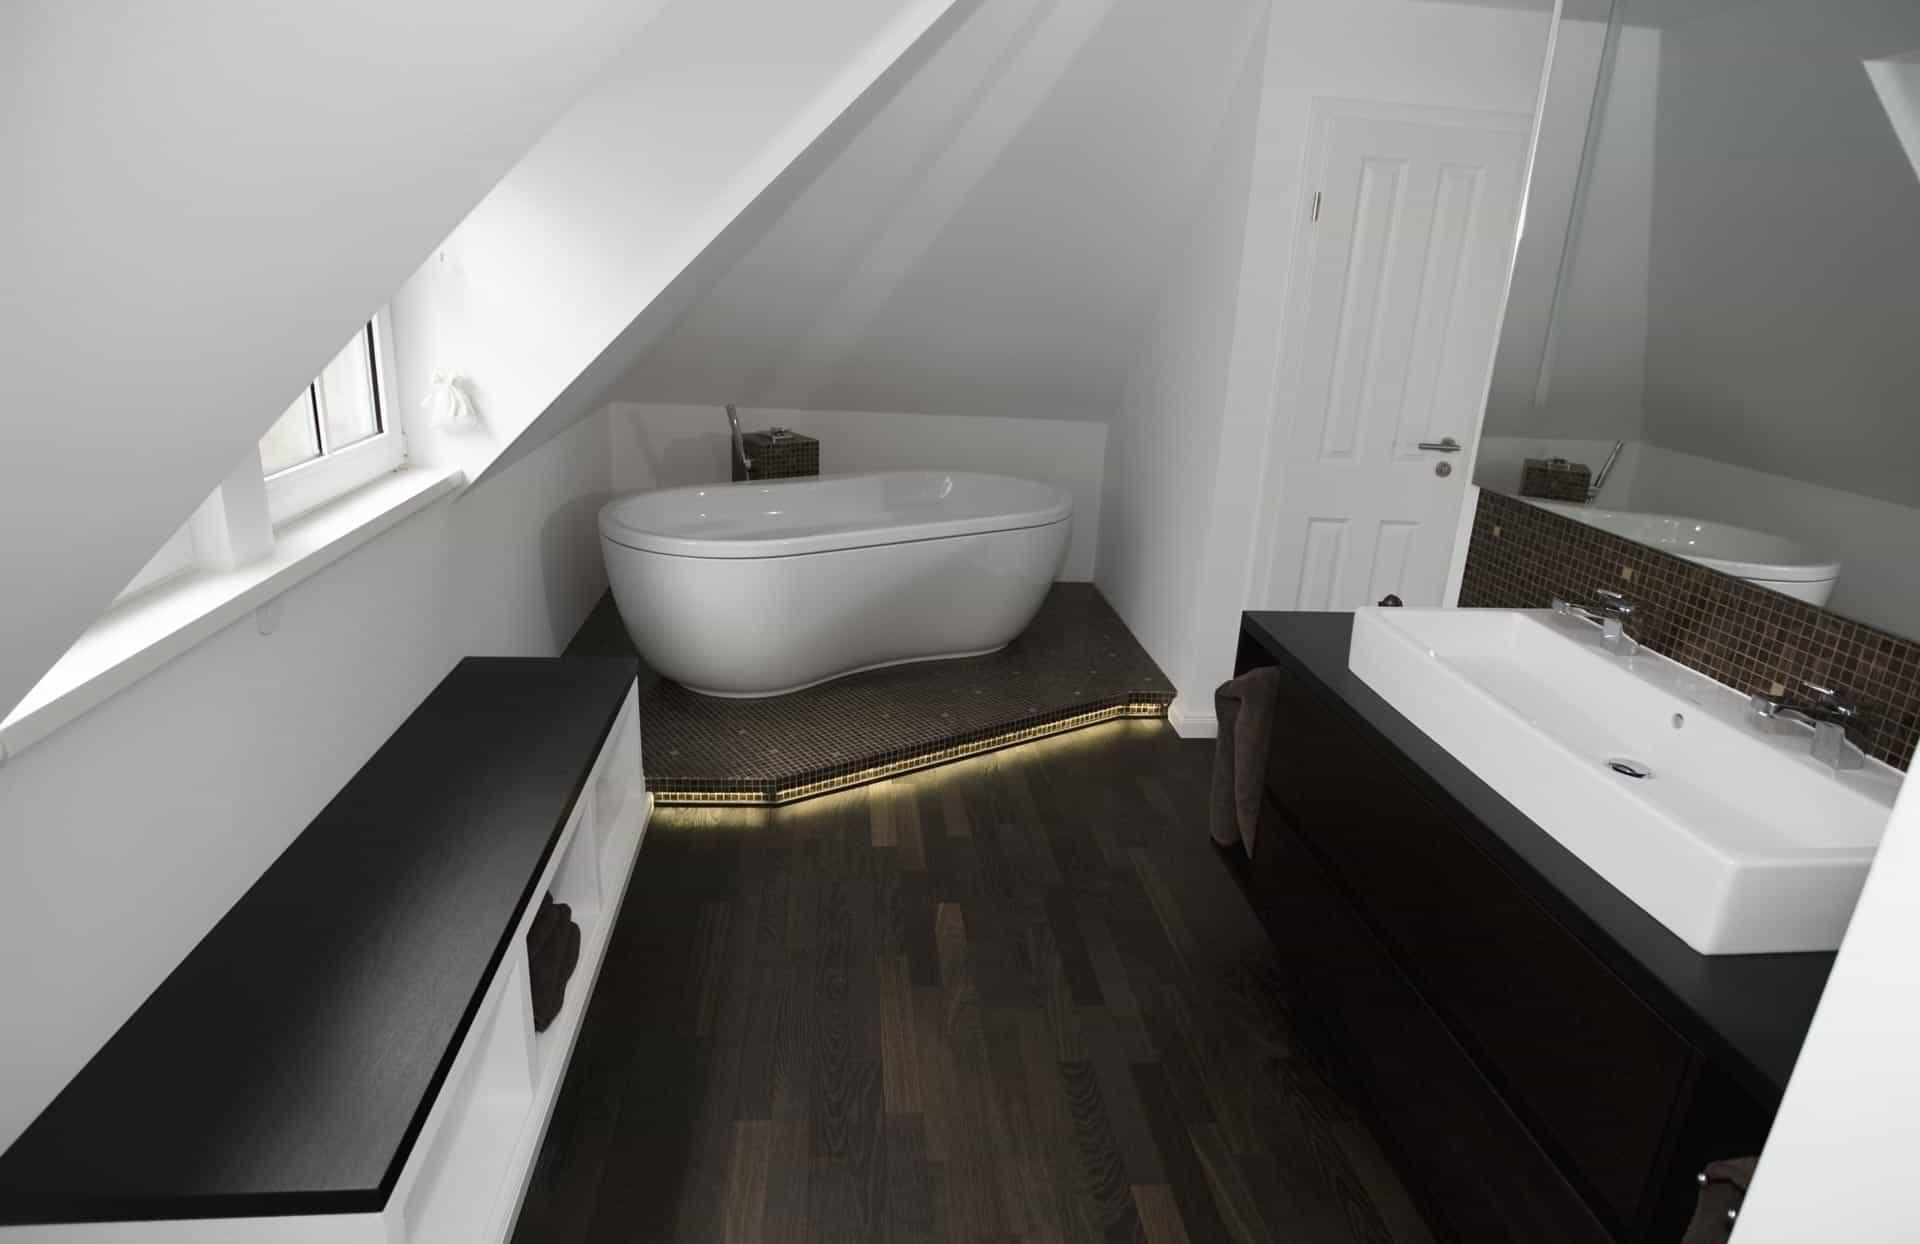 Bad Mit Holzboden Bad Holzboden Mit Vuptme Singular Modernes Einzigartig Kaufen With Bad Mit